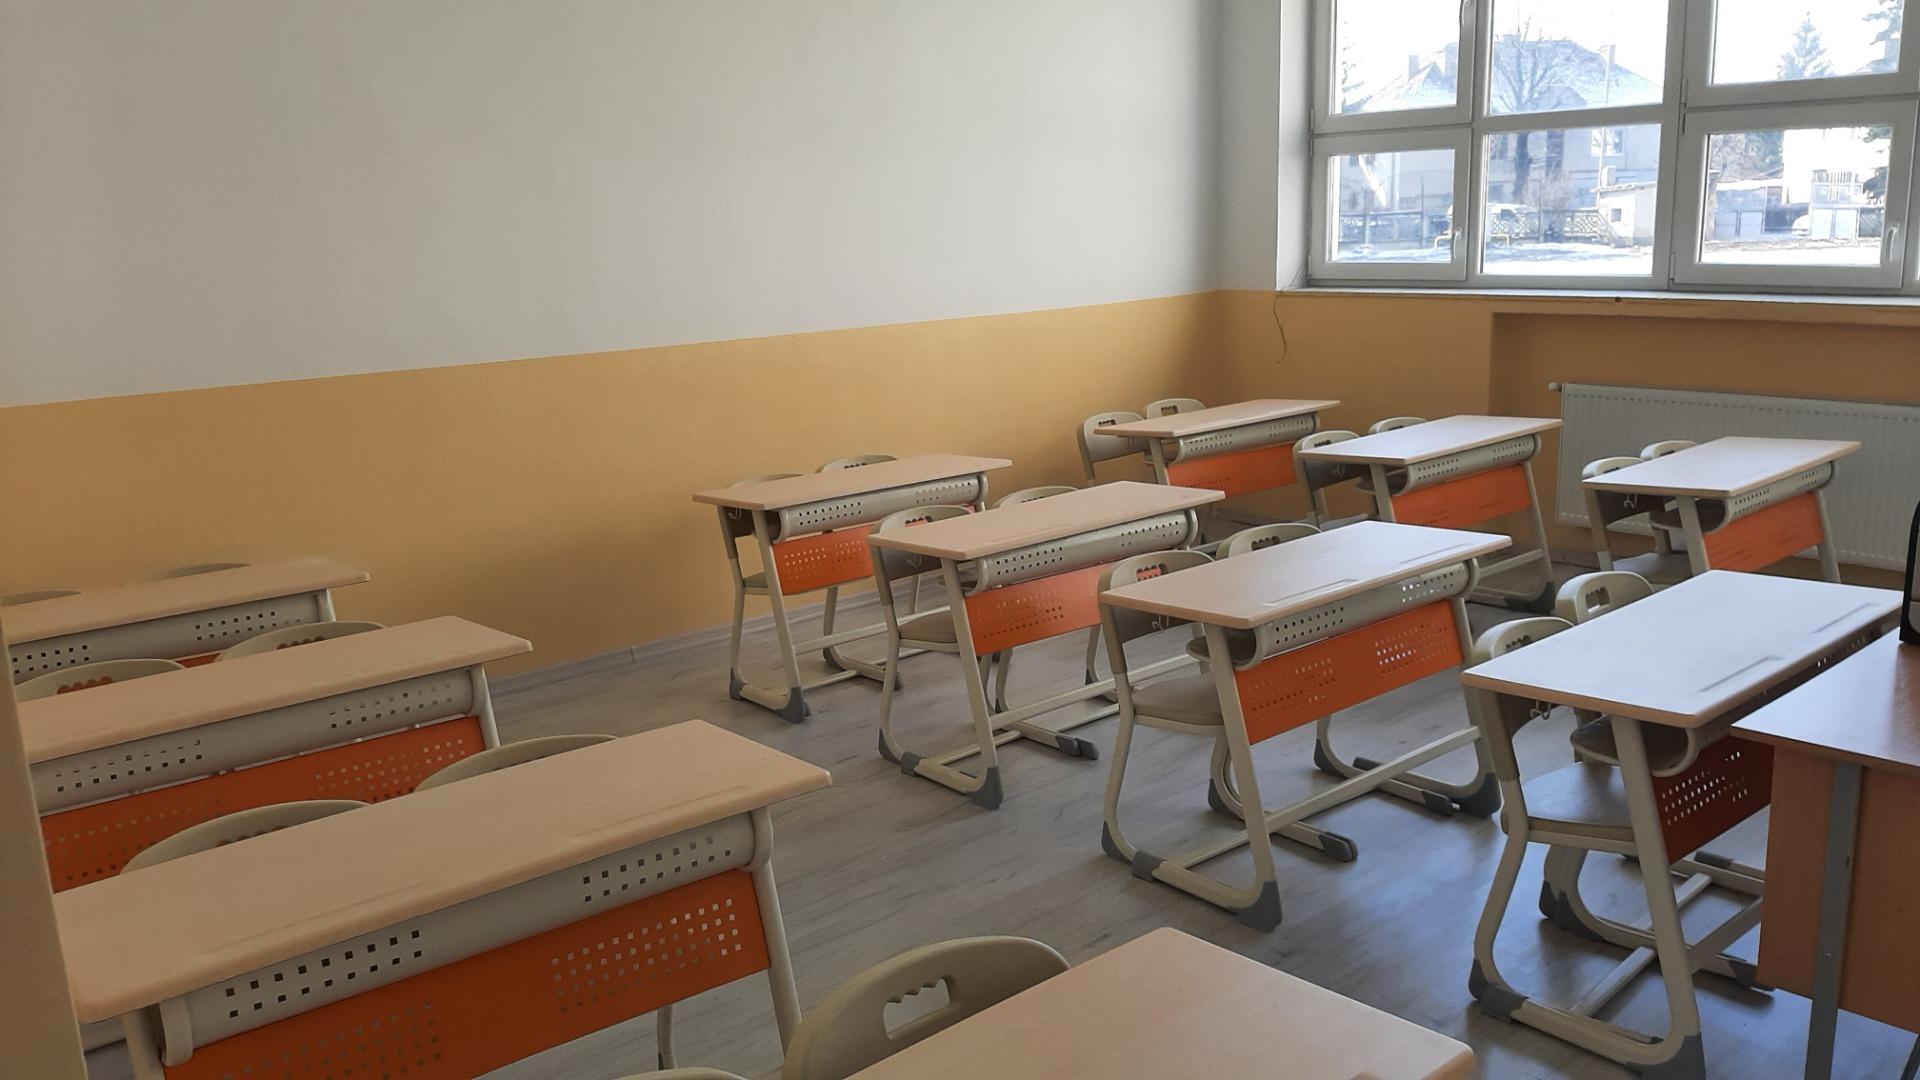 """Liceul """"Carol I"""" înființează primele două clase pregătitoare pentru cartierul Magnolia și străzile arondate"""